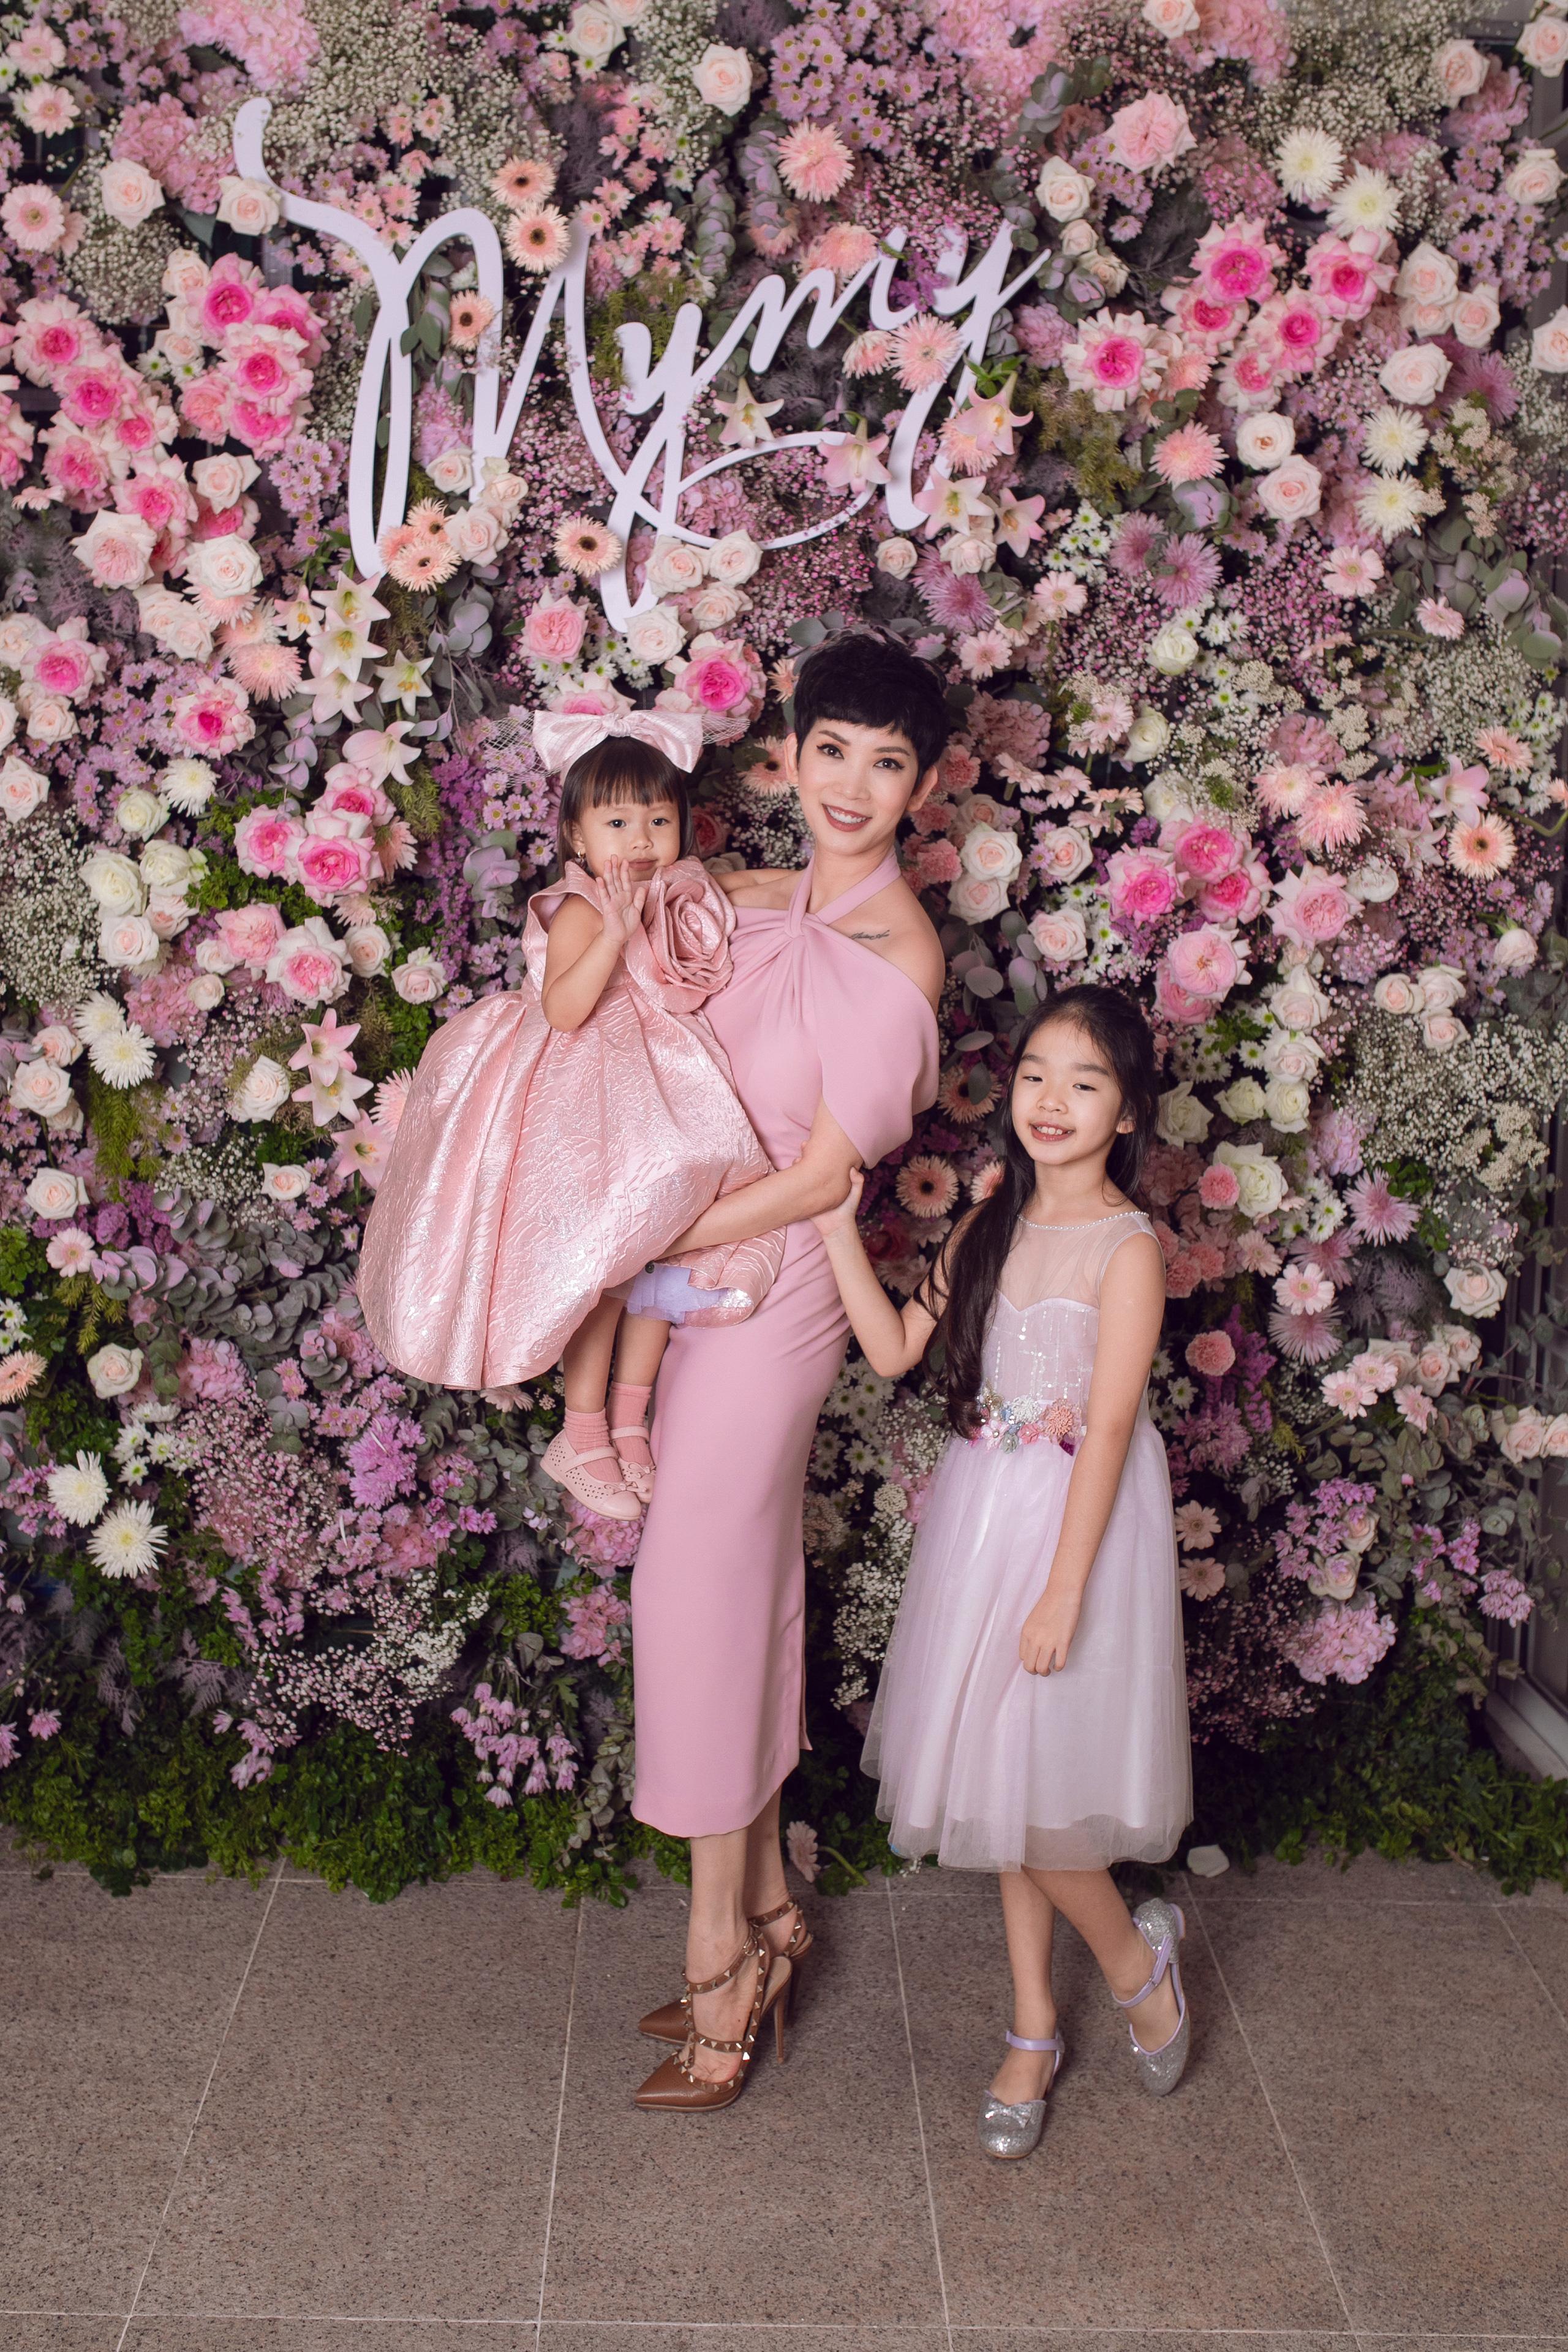 Con gái Trương Ngọc Ánh diện váy voan ra dáng quý tộc, so kè cùng dàn chân dài Vbiz tại tiệc hồng của NTK Đỗ Mạnh Cường - 4